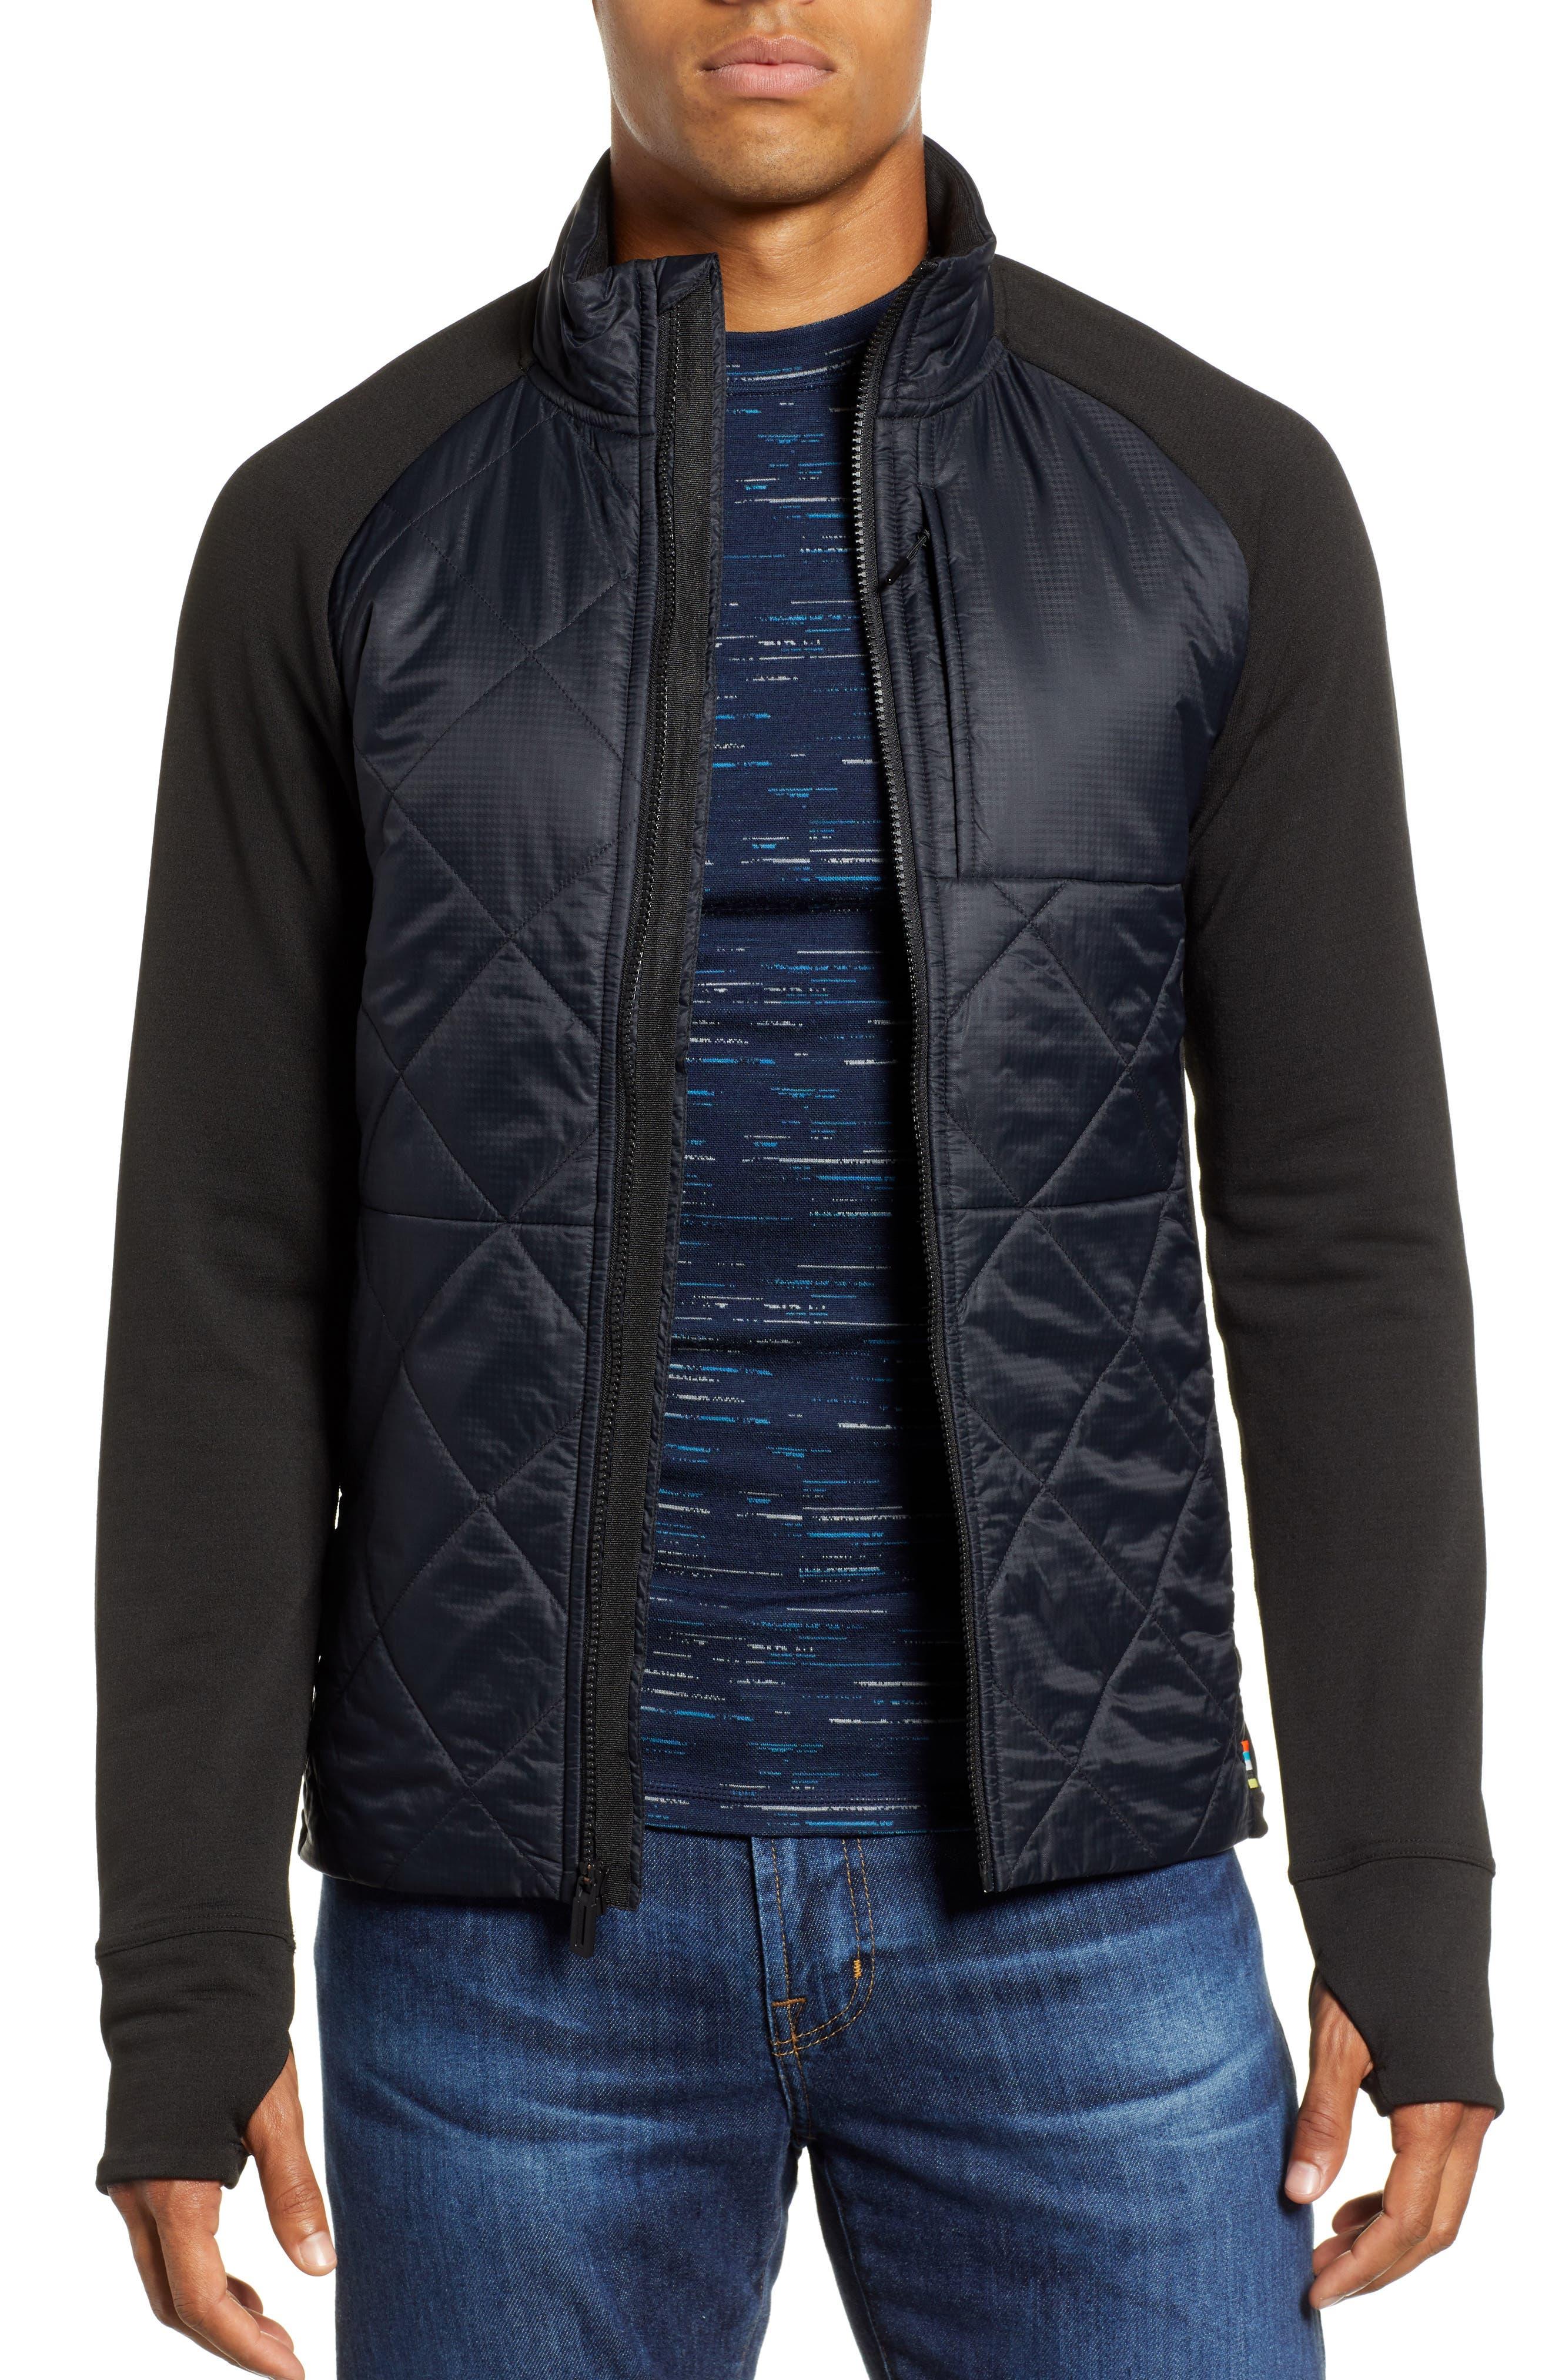 Regular Fit SmartLoft 120 Jacket,                         Main,                         color, BLACK